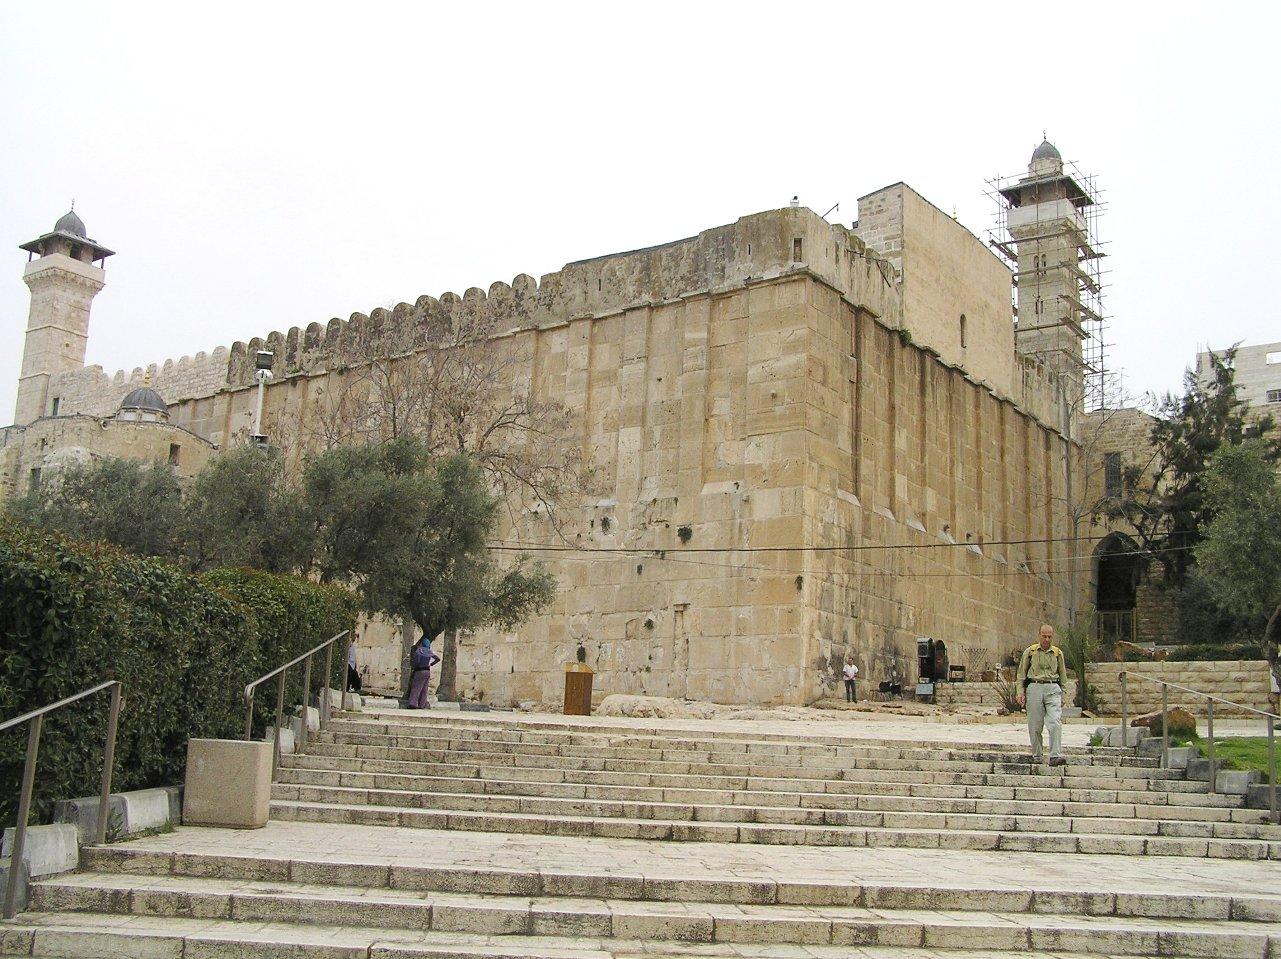 إسرائيل منعت الأذان بالمسجد الإبراهيمي 294 مرة في 6 أشهر